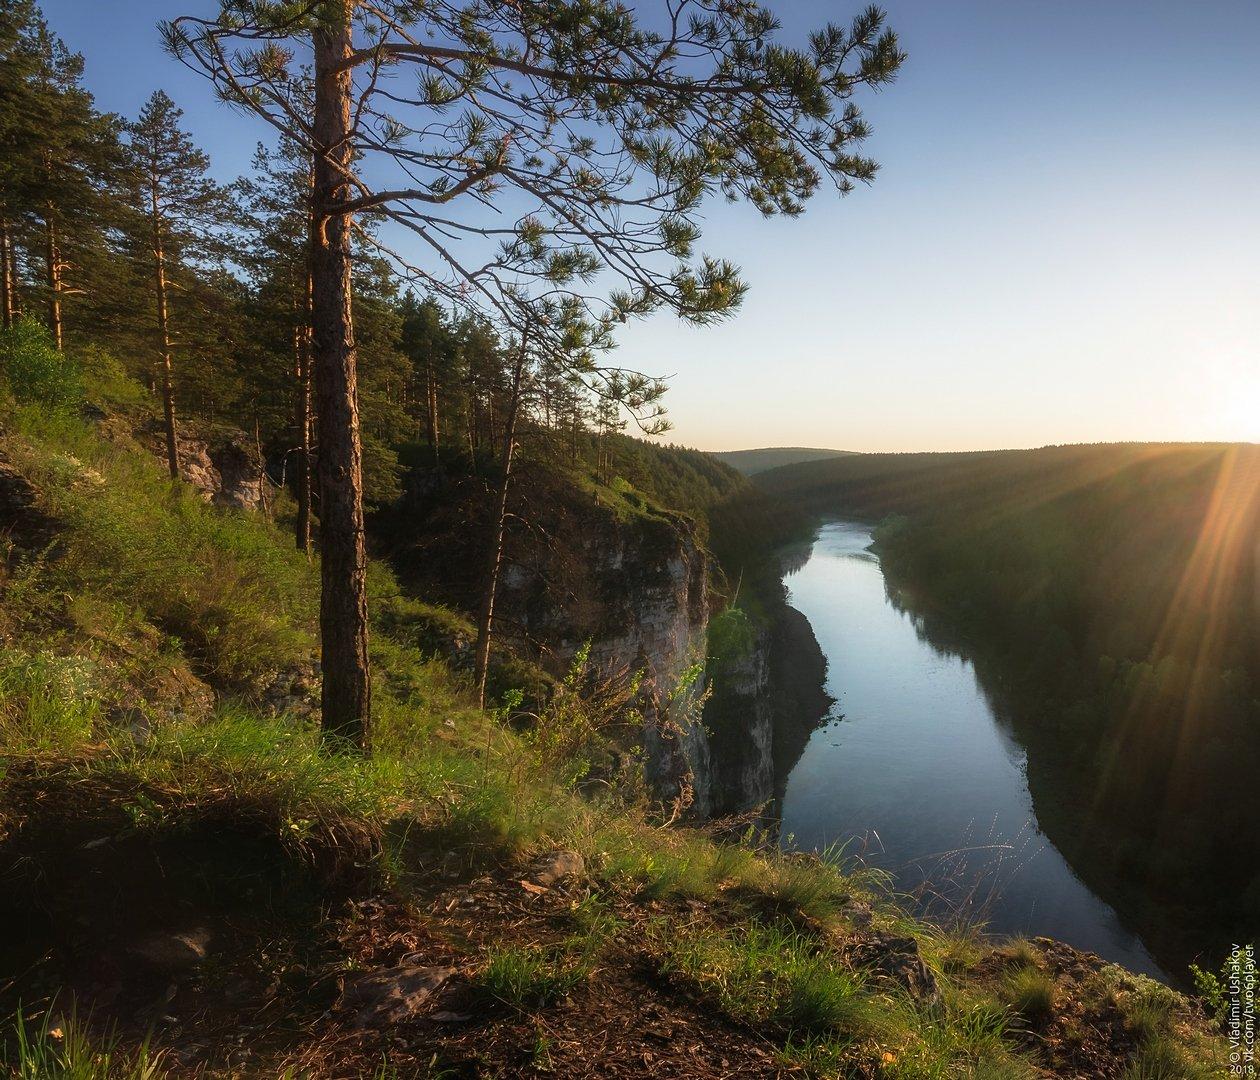 утро, рассвет, скалы, река, ай, большой айский притес, лес, челябинская область, Владимир Ушаков